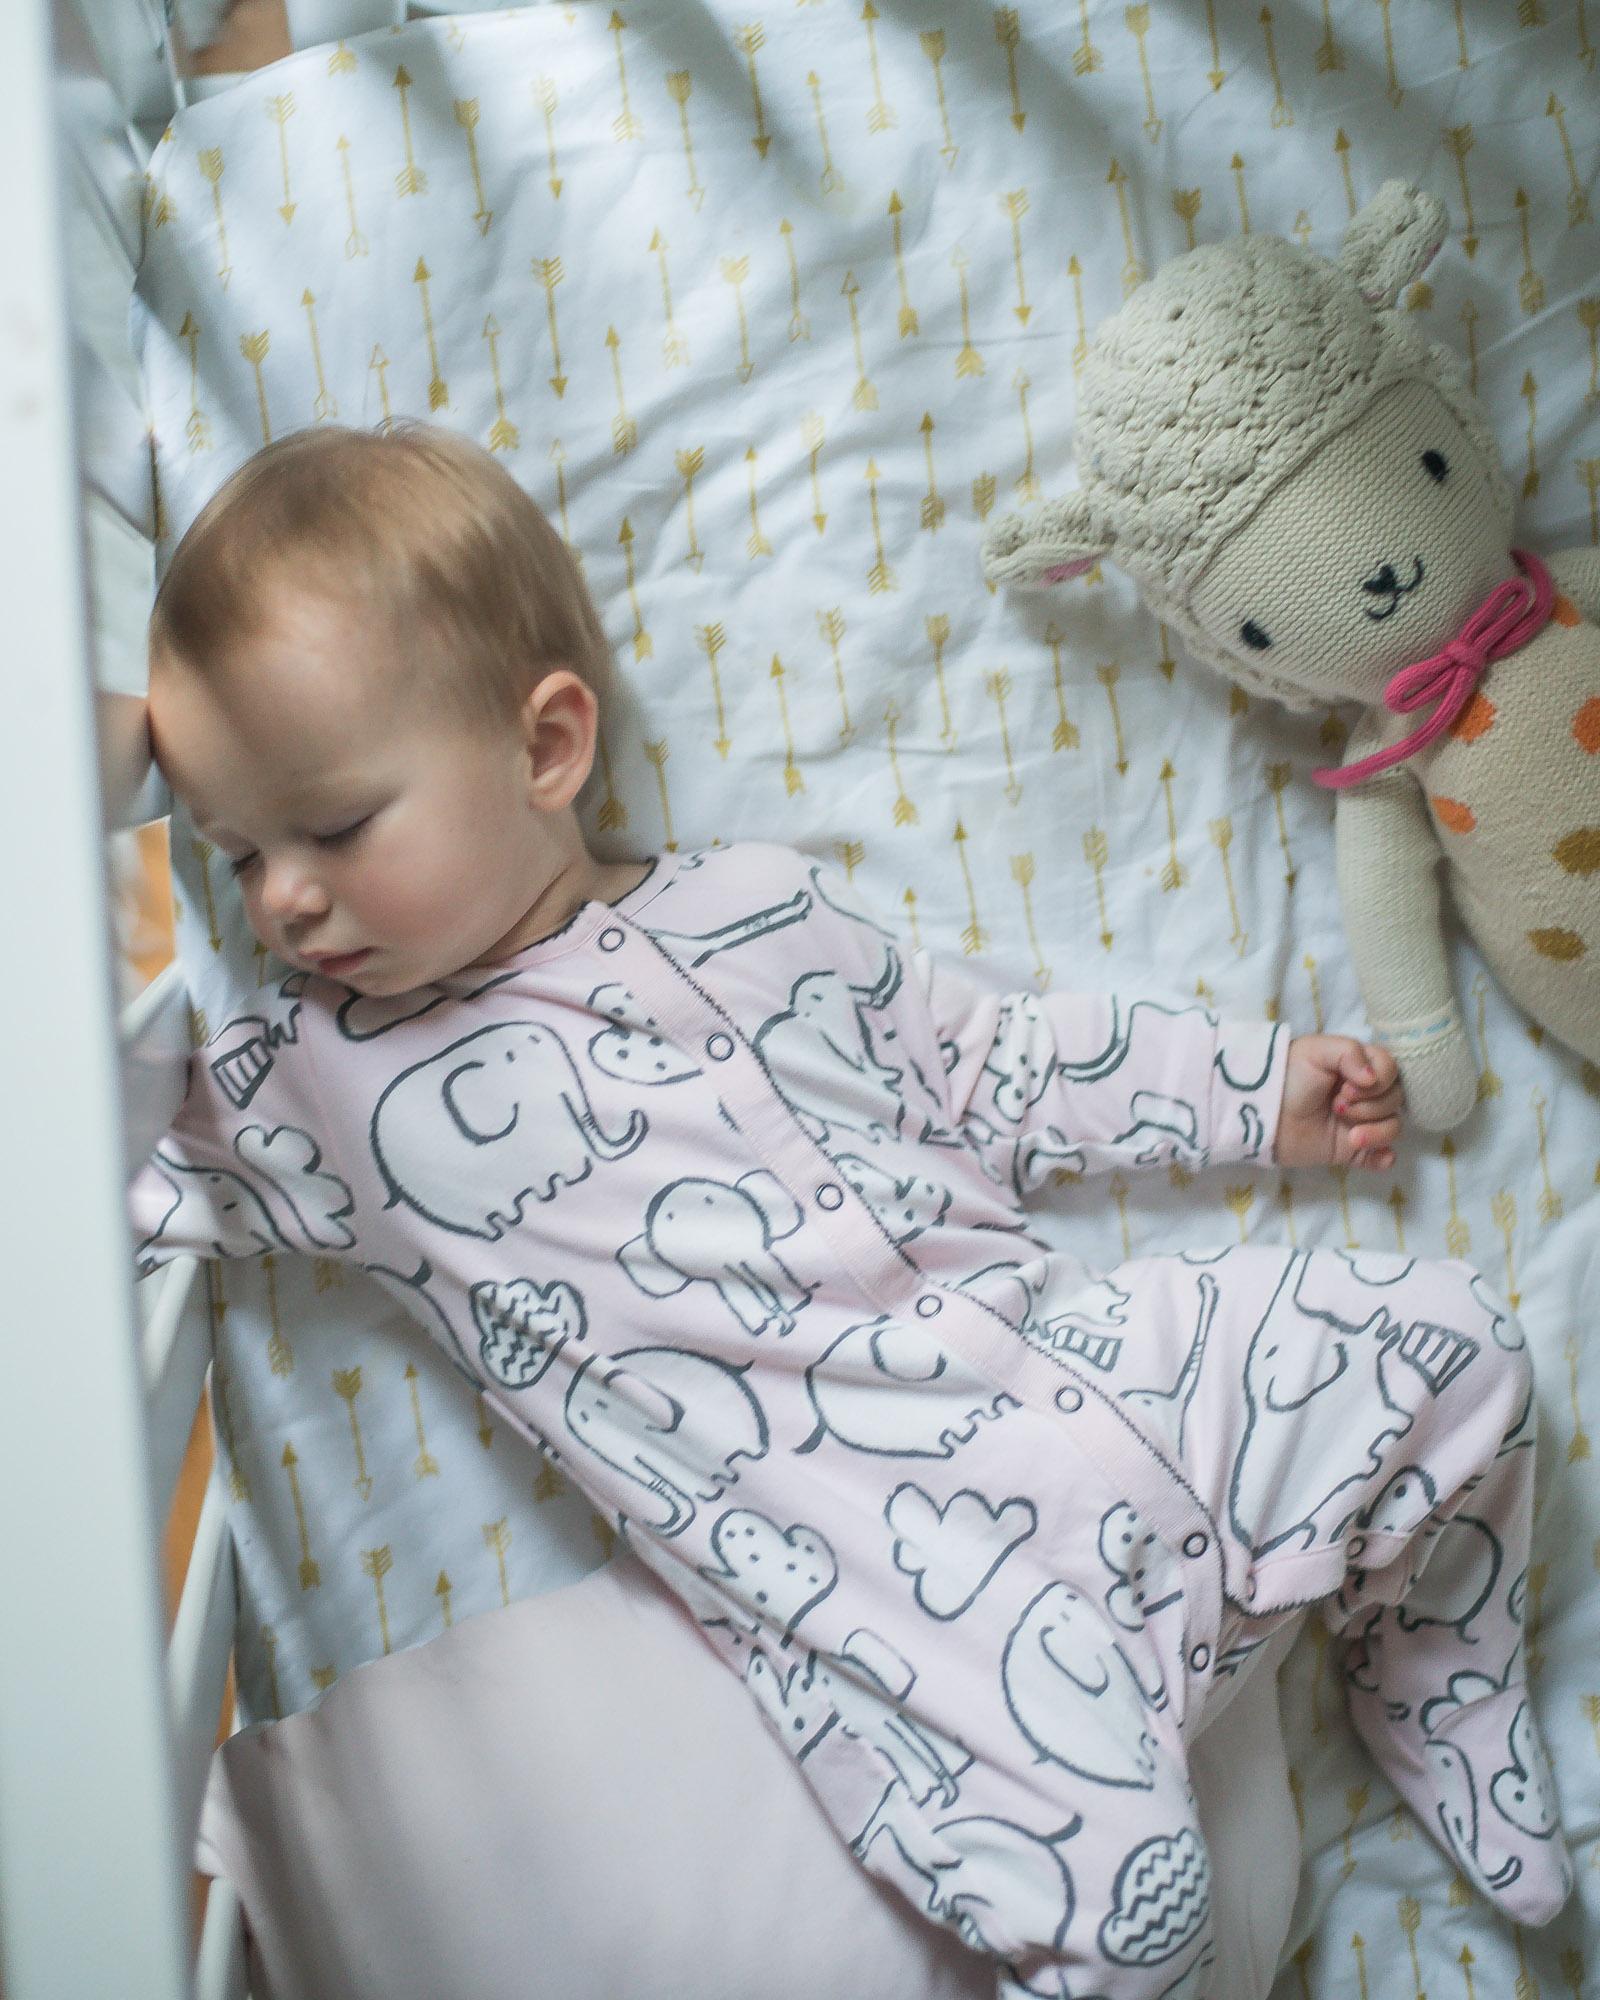 Feature: Lindsay Lewis on Infant Sleep